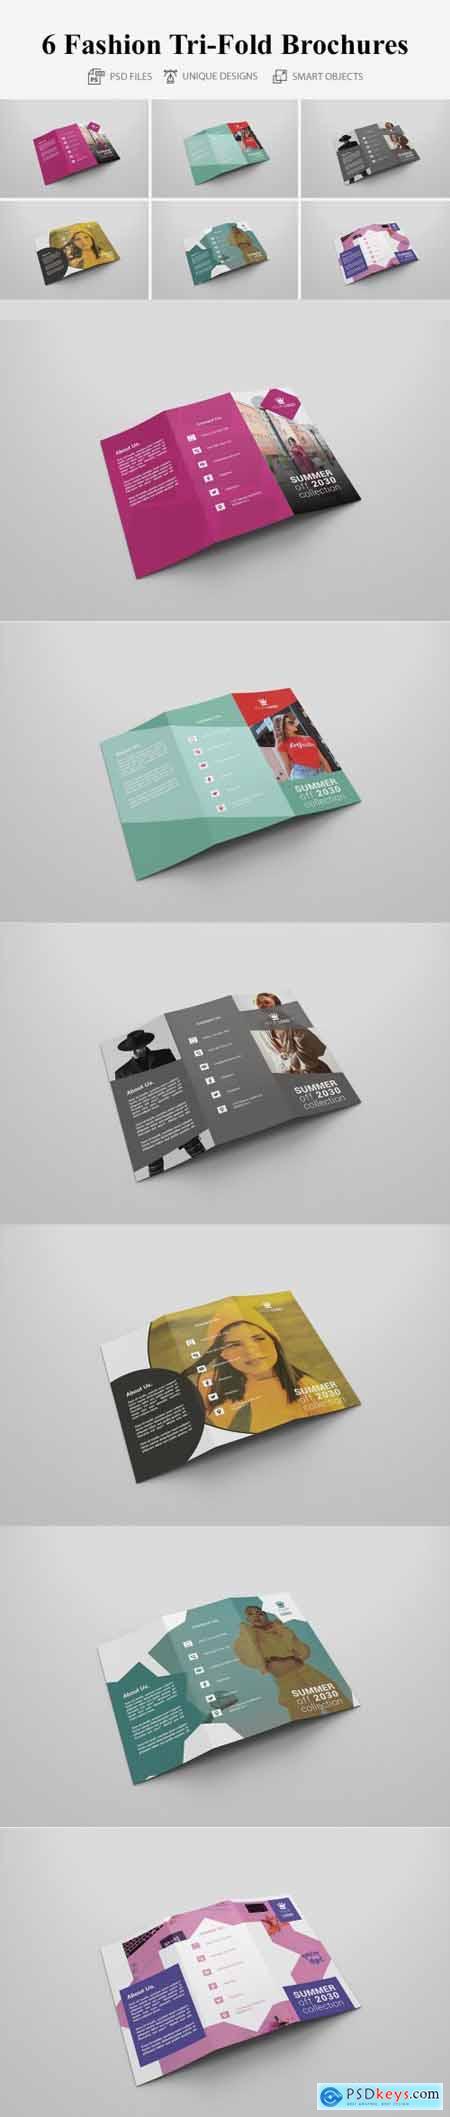 6 Fashion Tri Fold Bochures 4258462